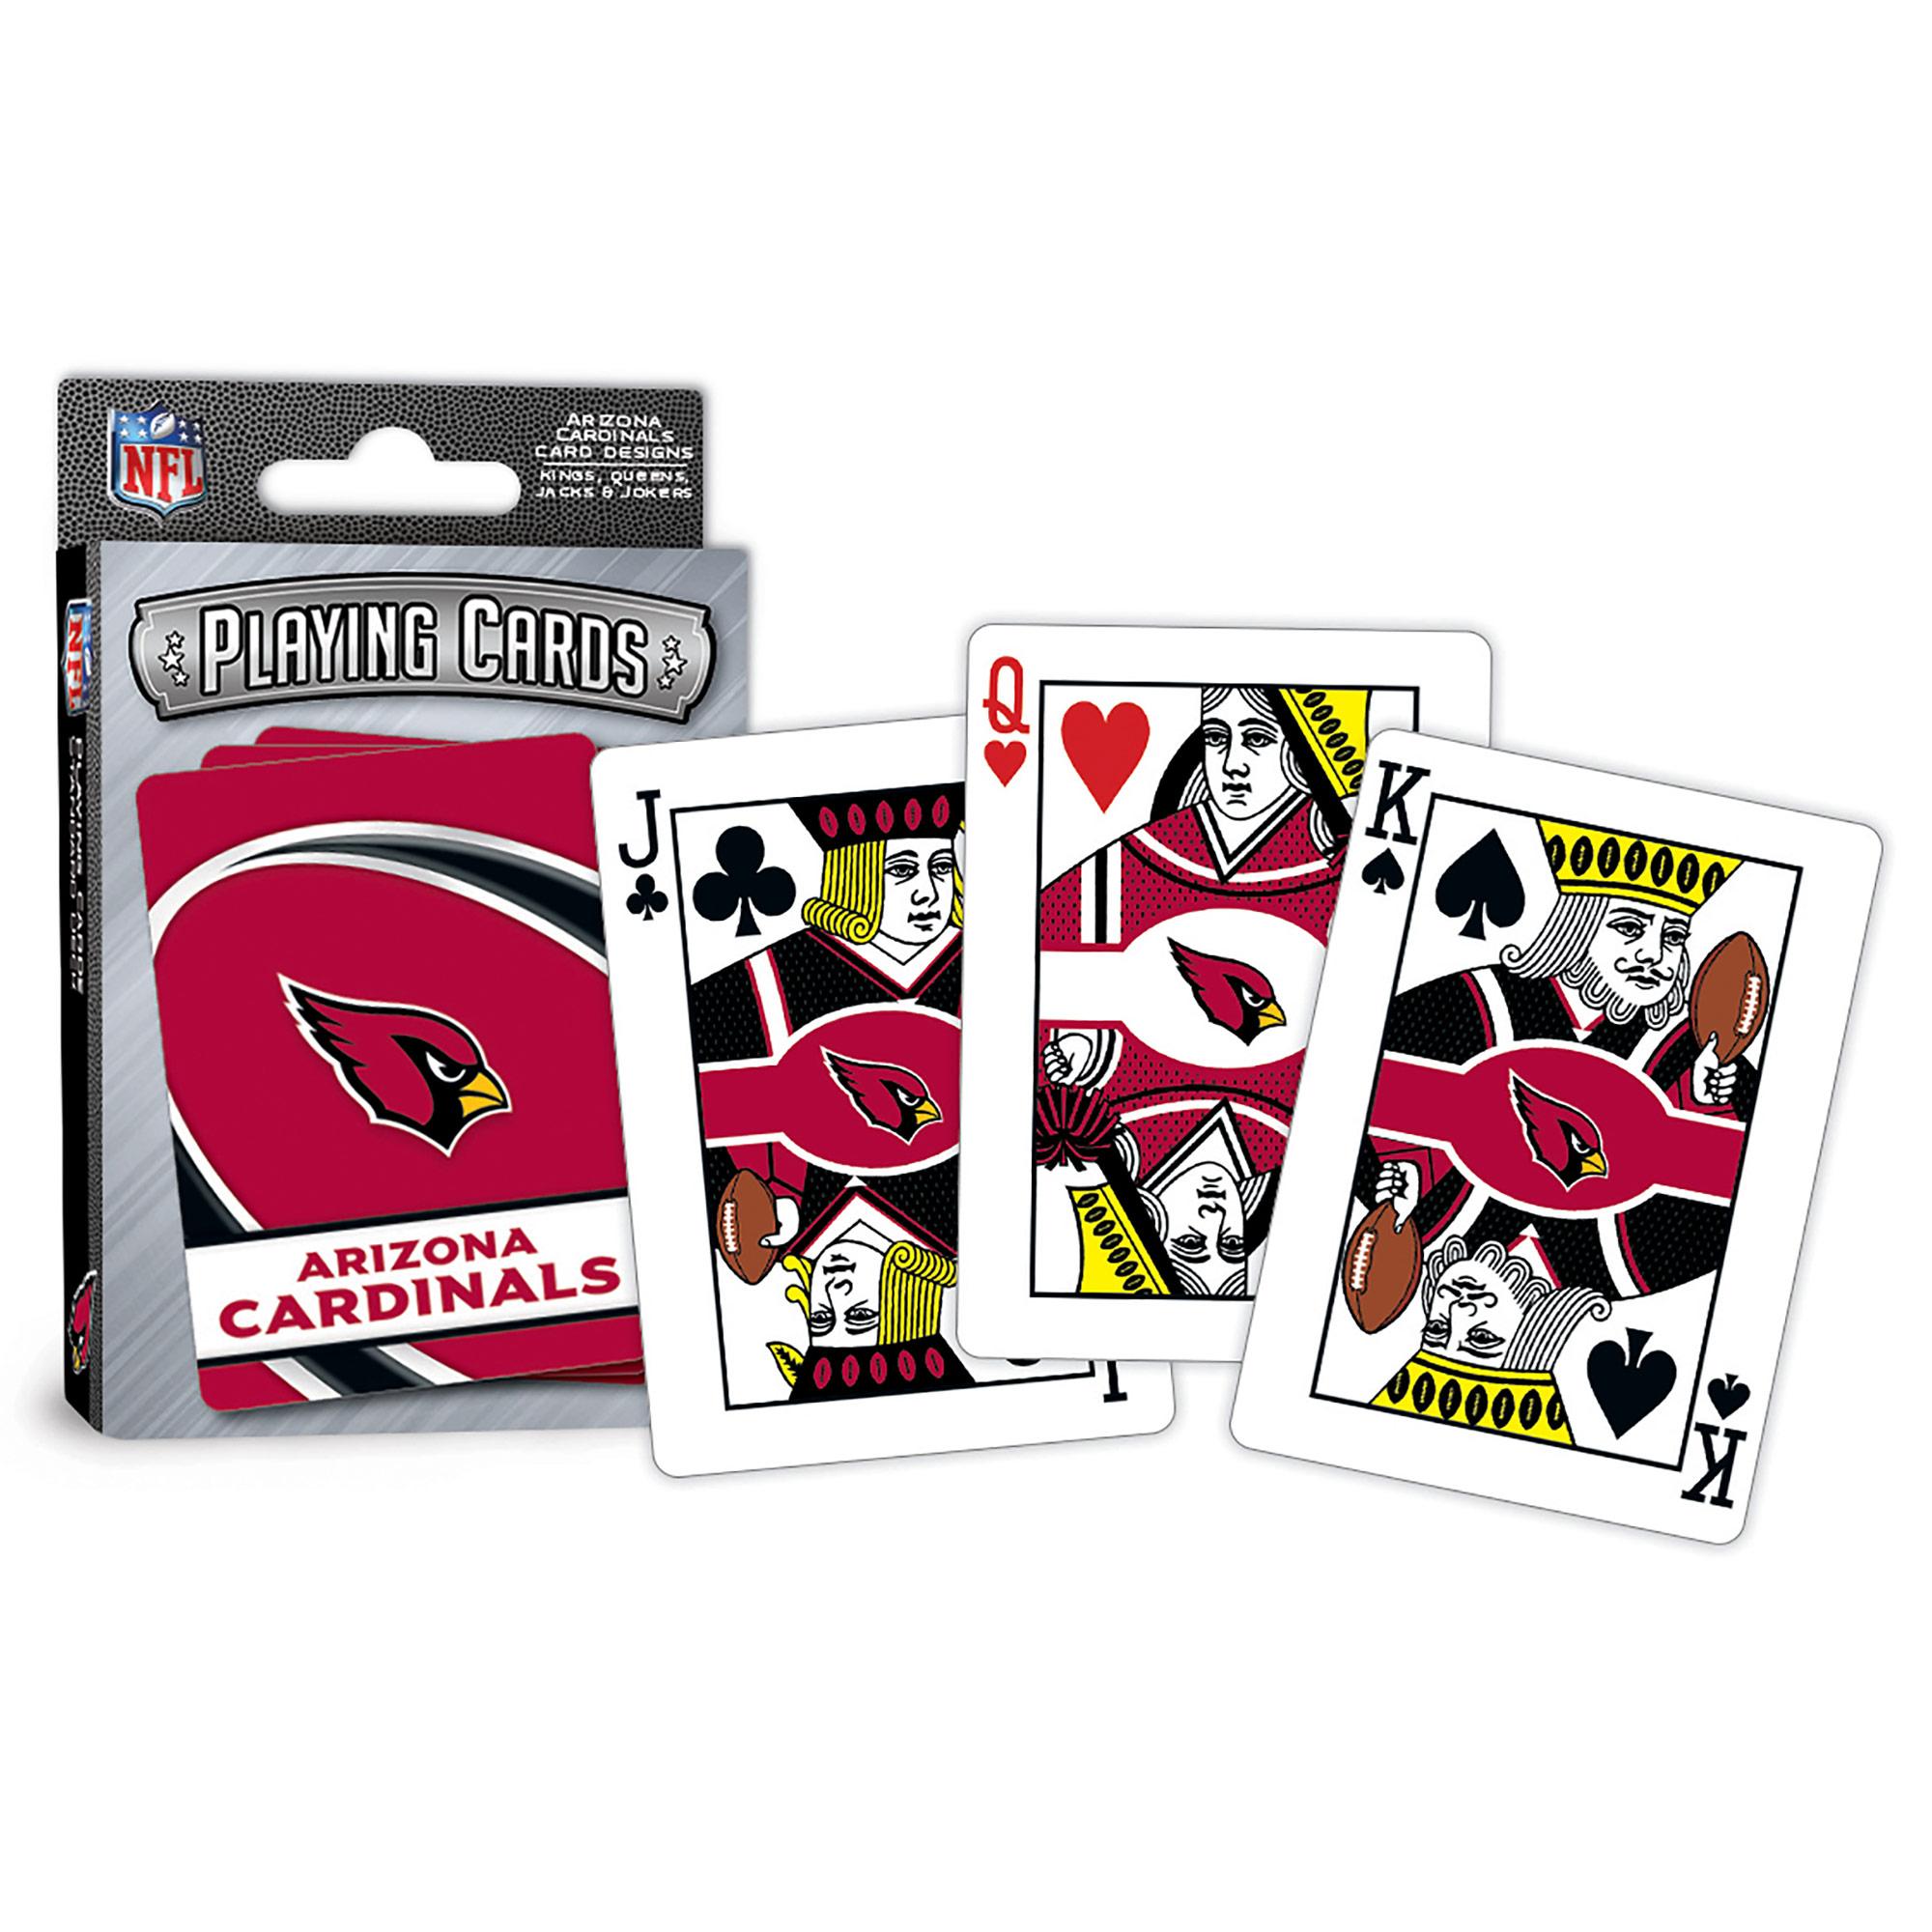 Arizona Cardinals Playing Cards